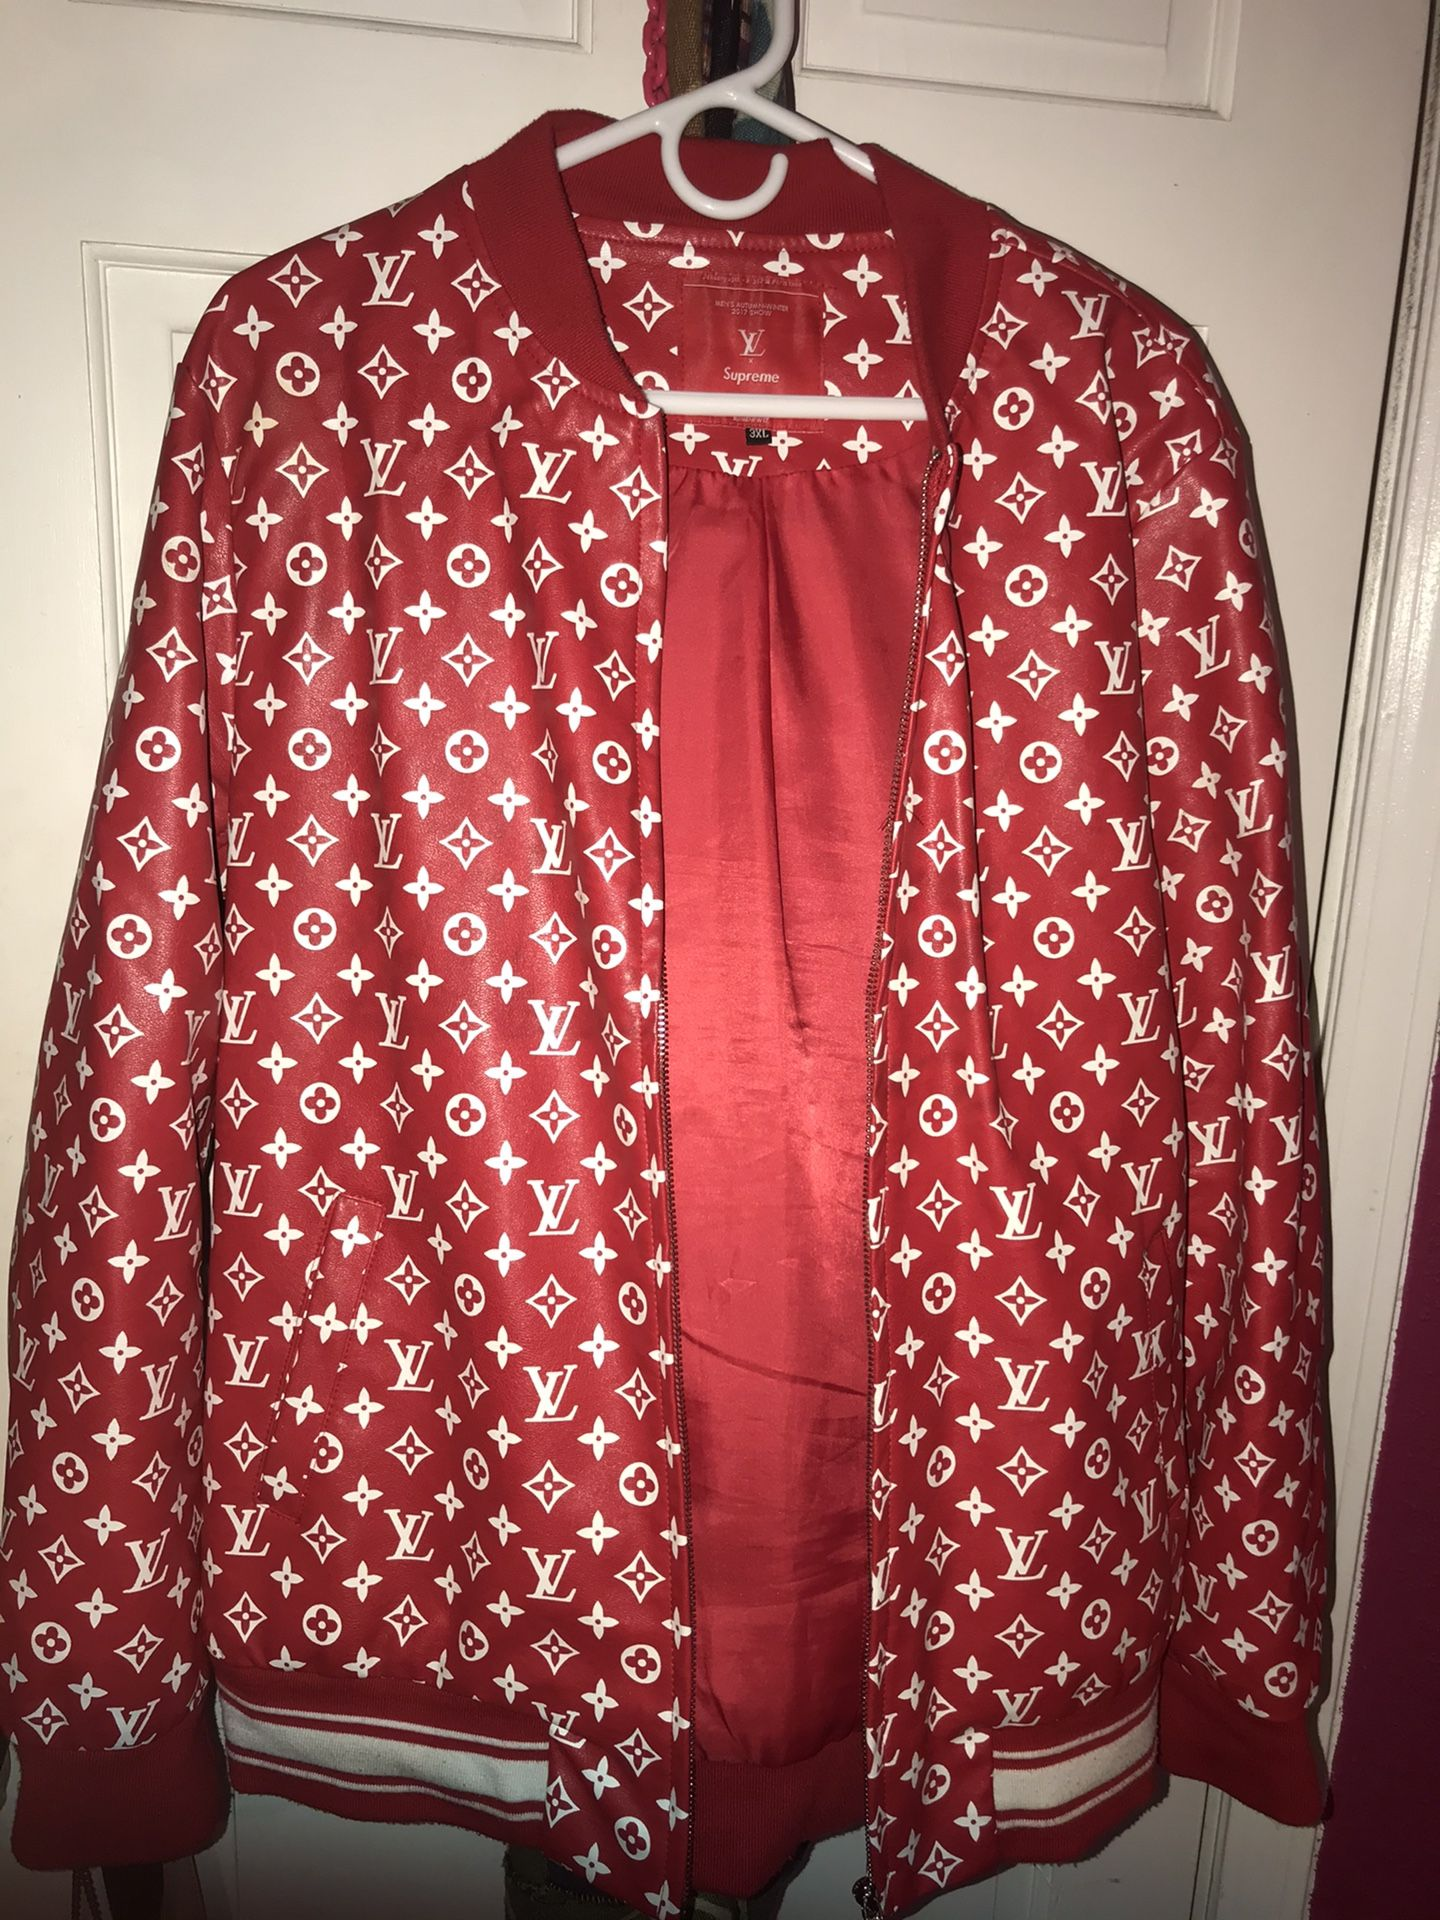 Authentic Louis Vuitton & Supreme jacket